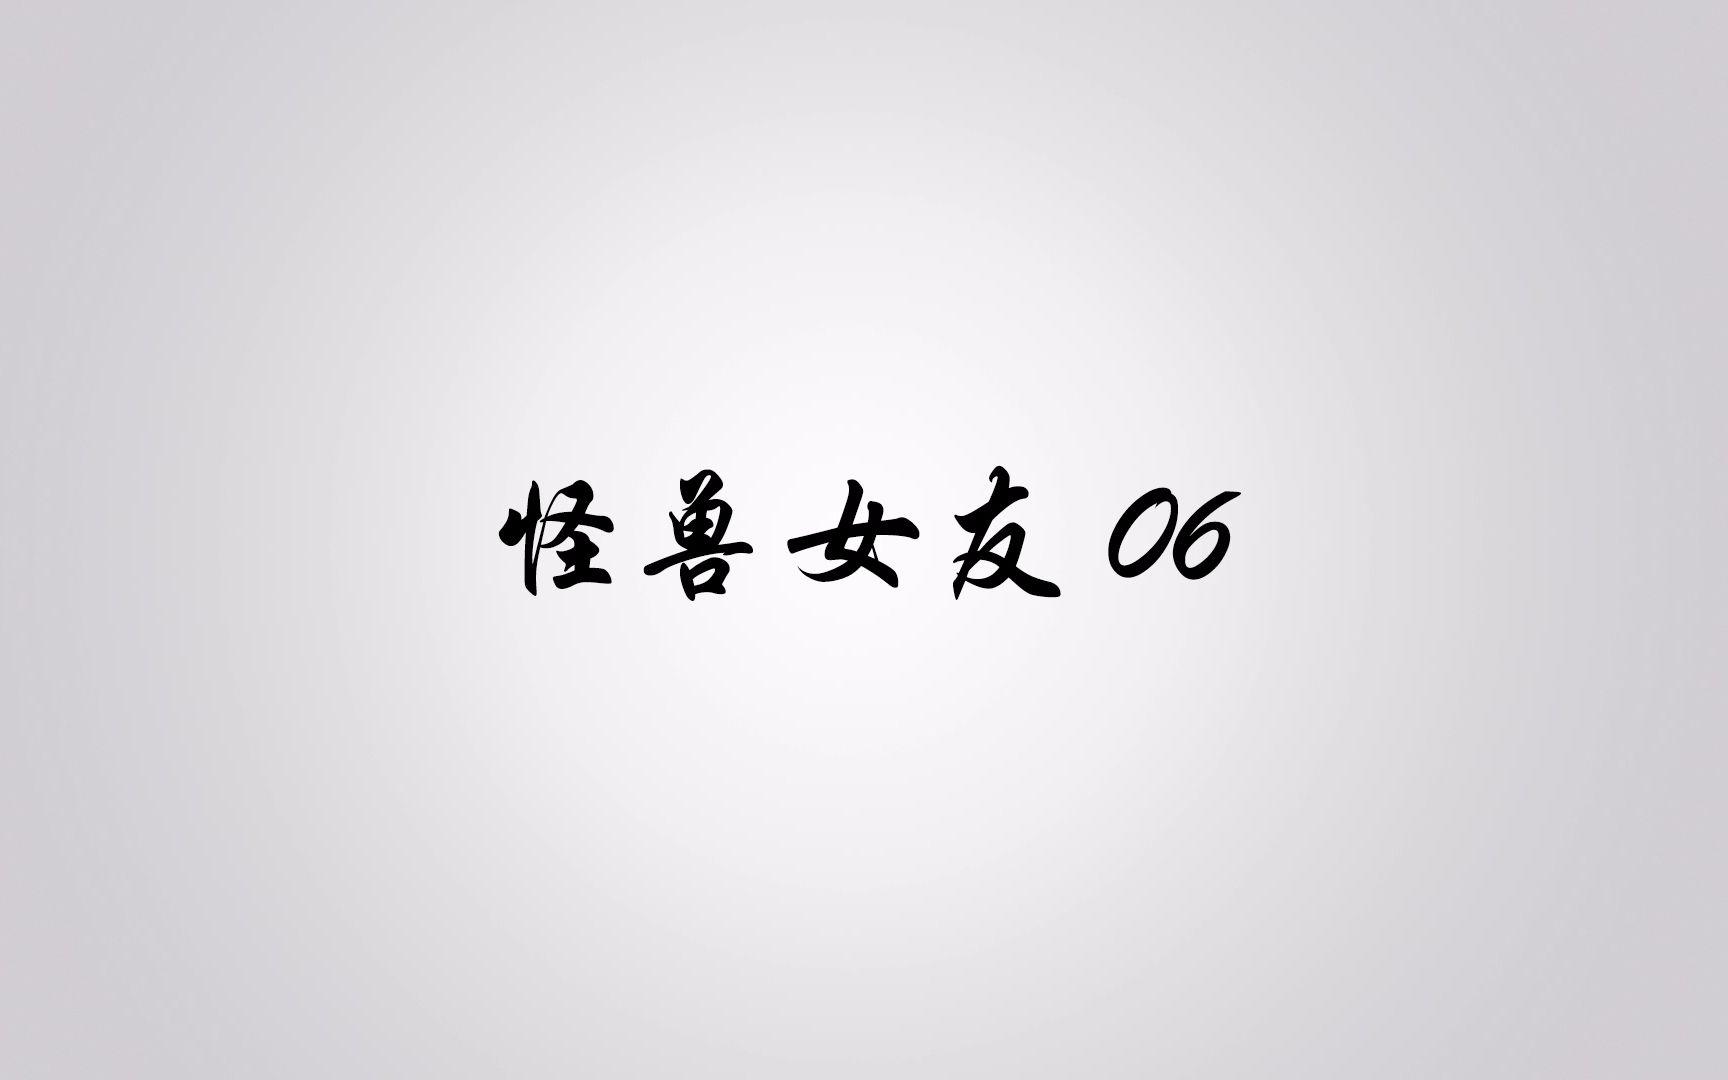 《十万个冷笑话》第三季 32 - 怪兽女友篇(六)